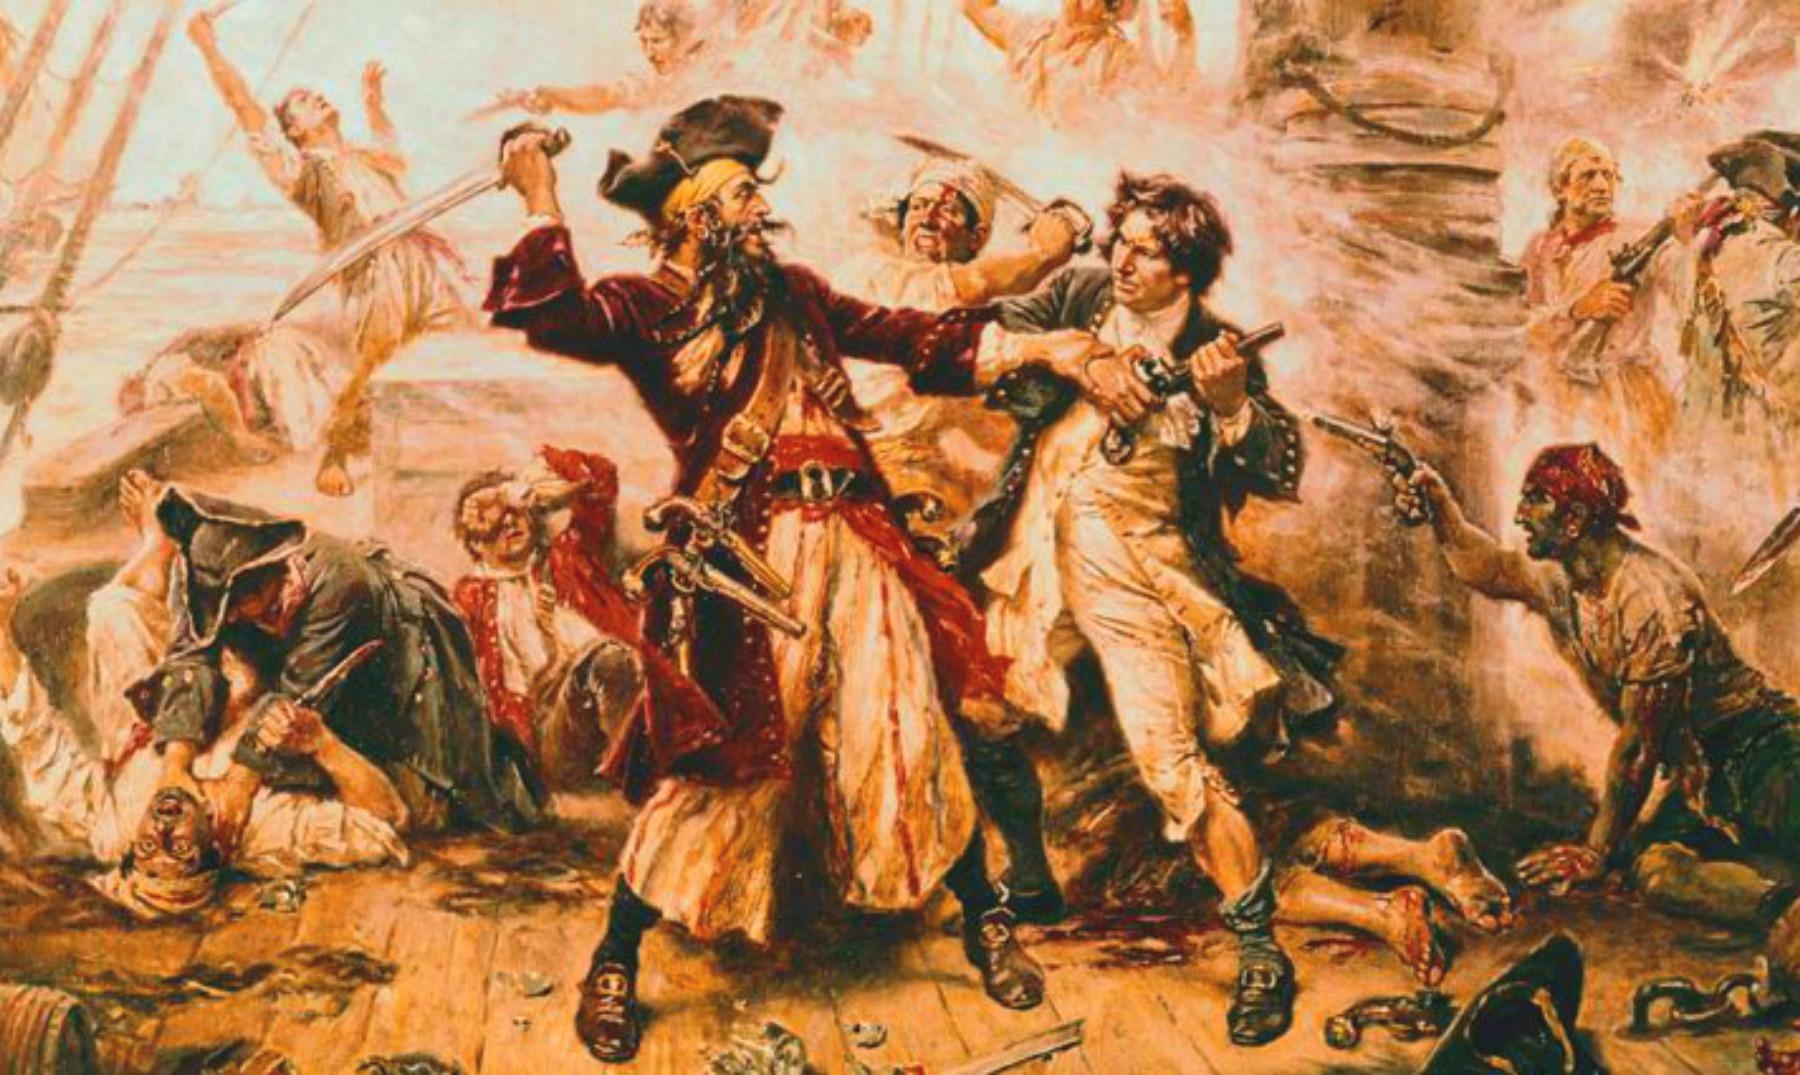 faaf1d25703c Por qué los piratas llevaban pendientes  - Supercurioso